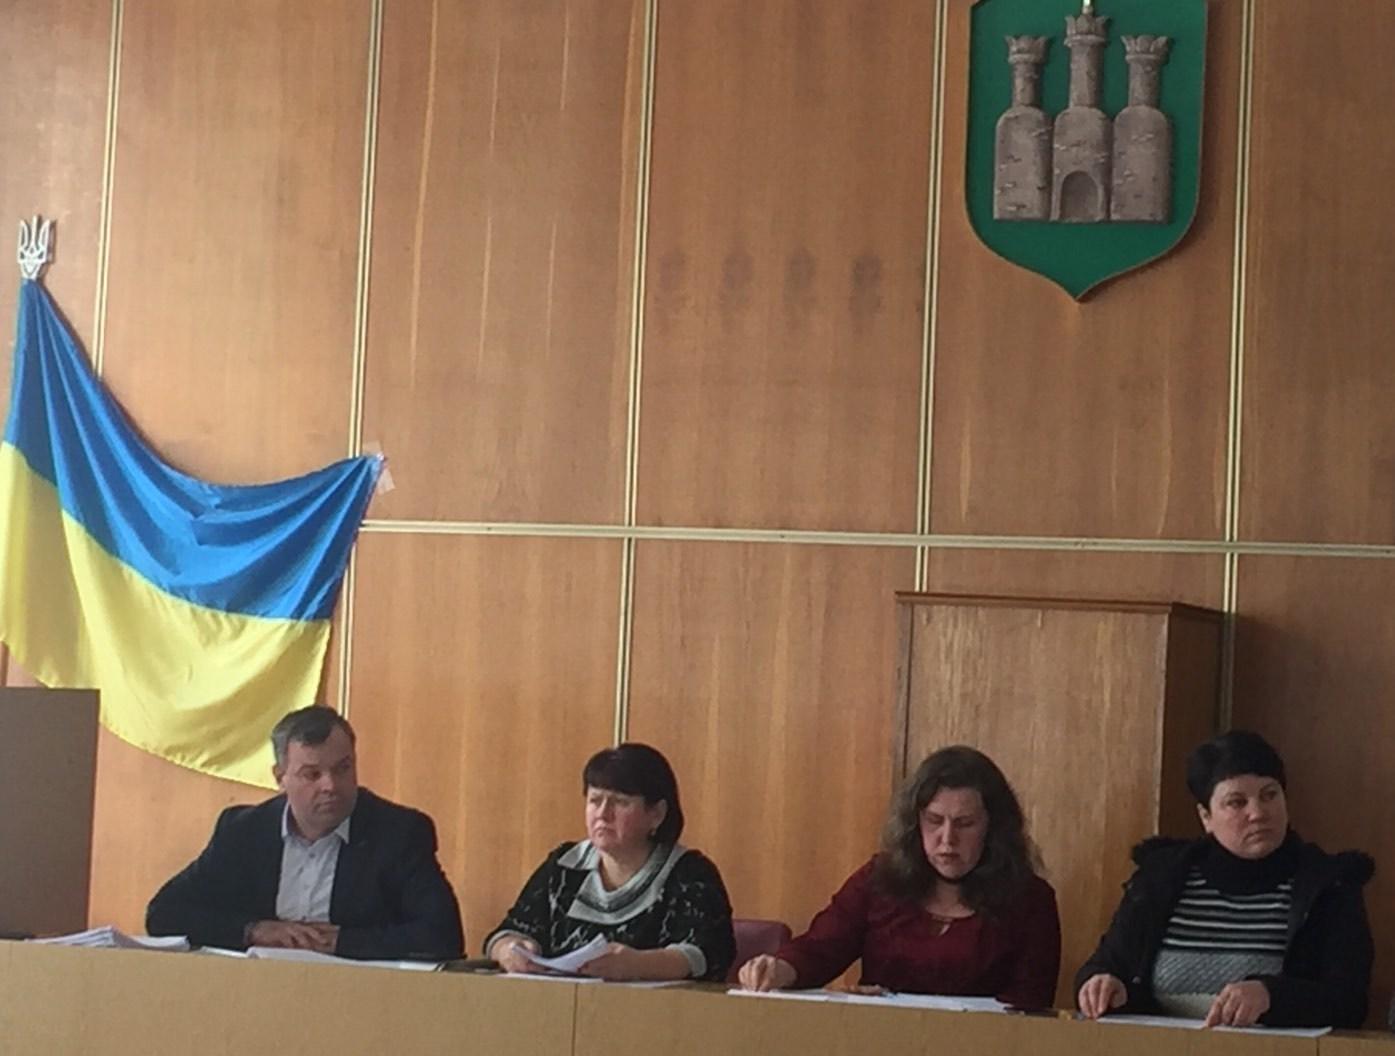 Депутати Остерської міськради схвалили звернення щодо недопущення зростання тарифів